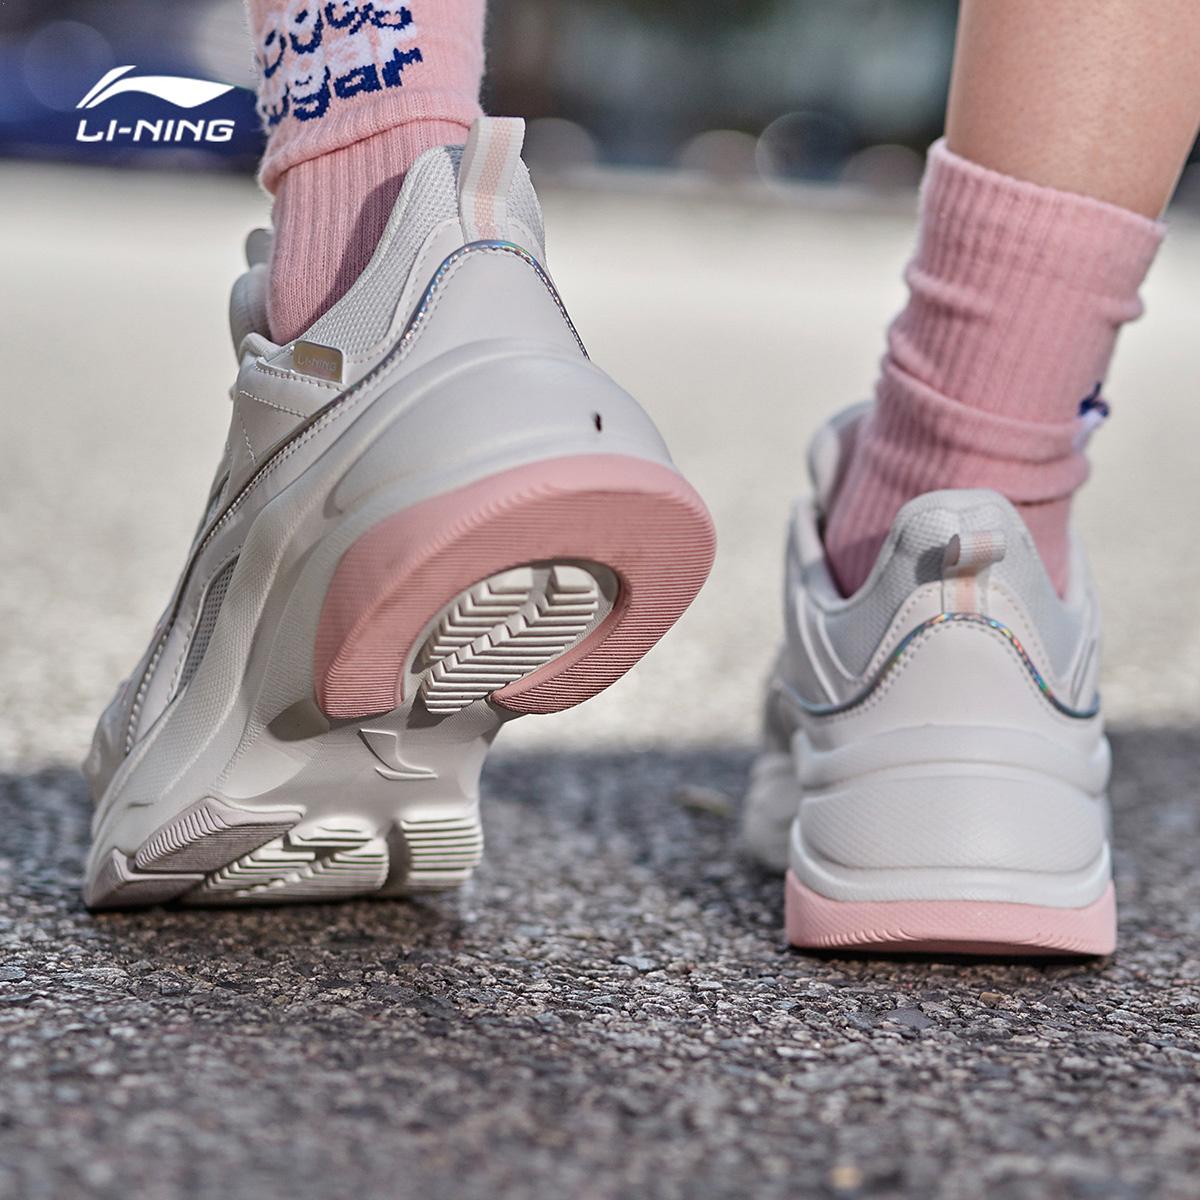 李宁休闲鞋女鞋2020夏季新款老爹鞋官方正品运动鞋复古增高鞋子